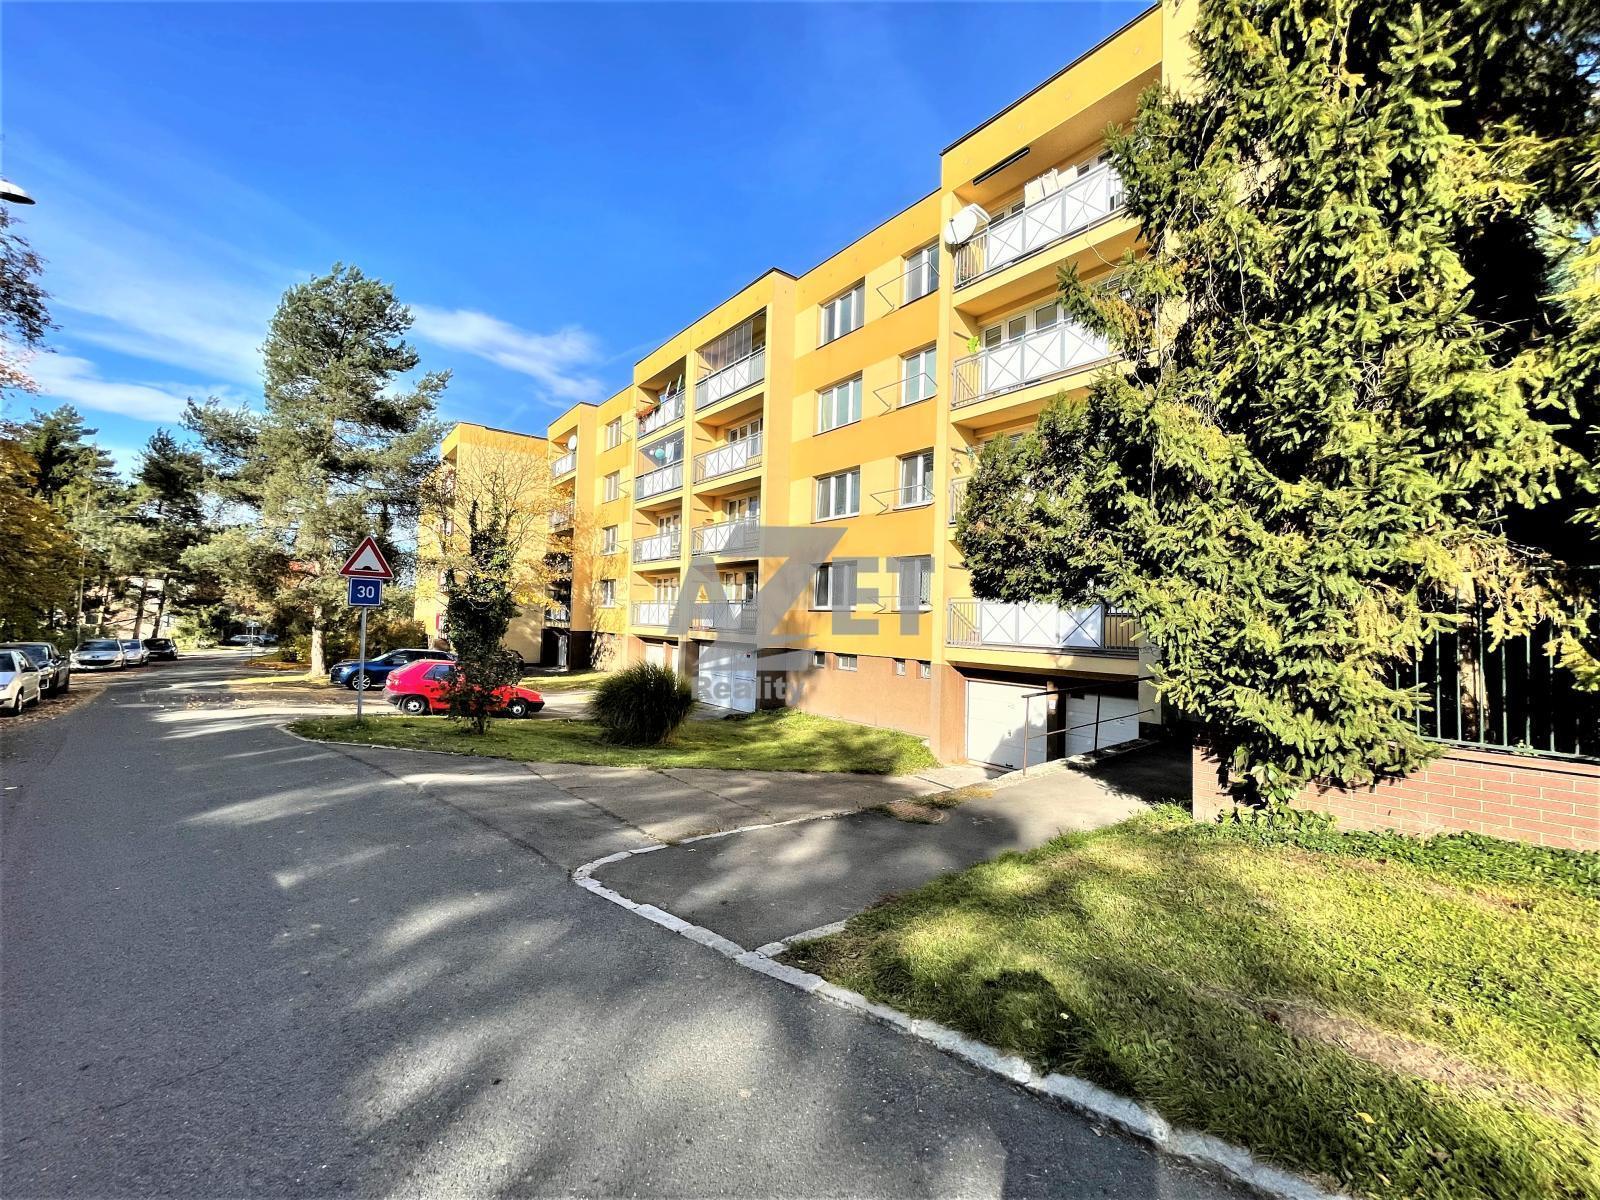 Prodej, byt 1+1, 38 m2, Ostrava-Zábřeh, ul. Kotlářova